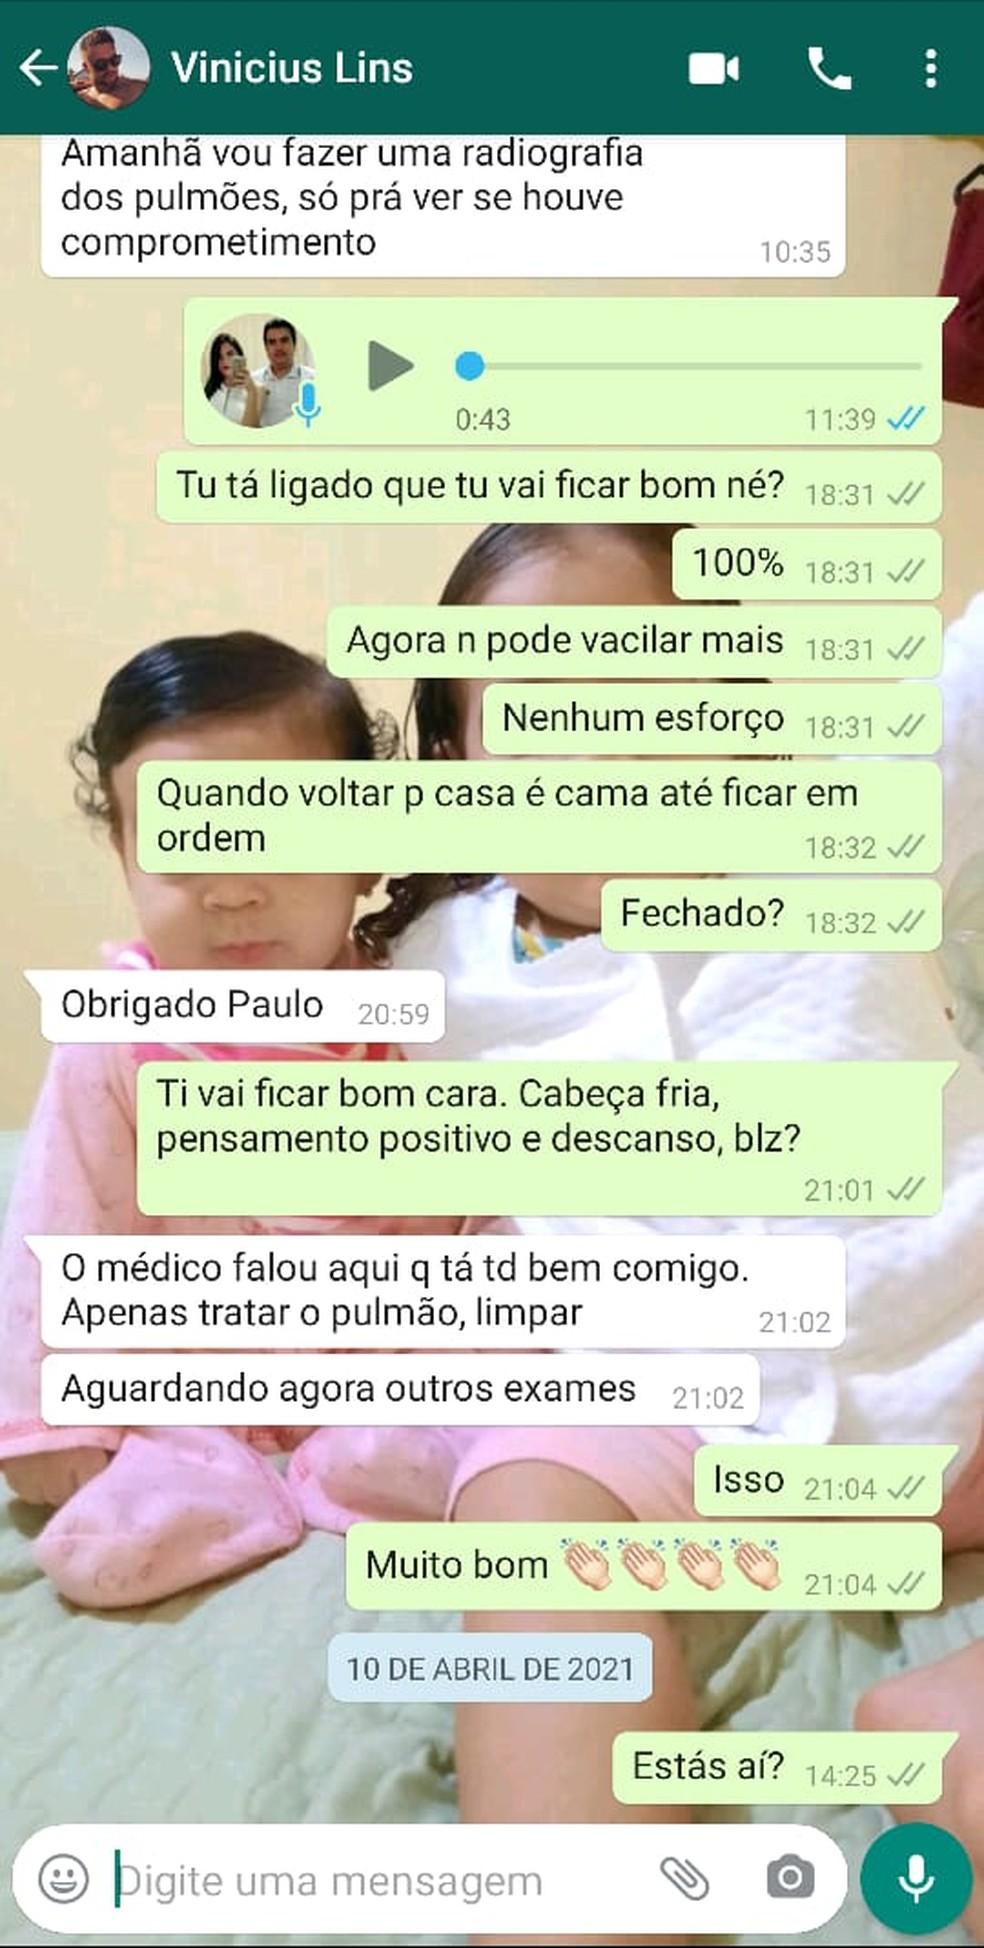 Última conversa entre Paulo Neto e Vinícius — Foto: Reprodução/WhatsApp